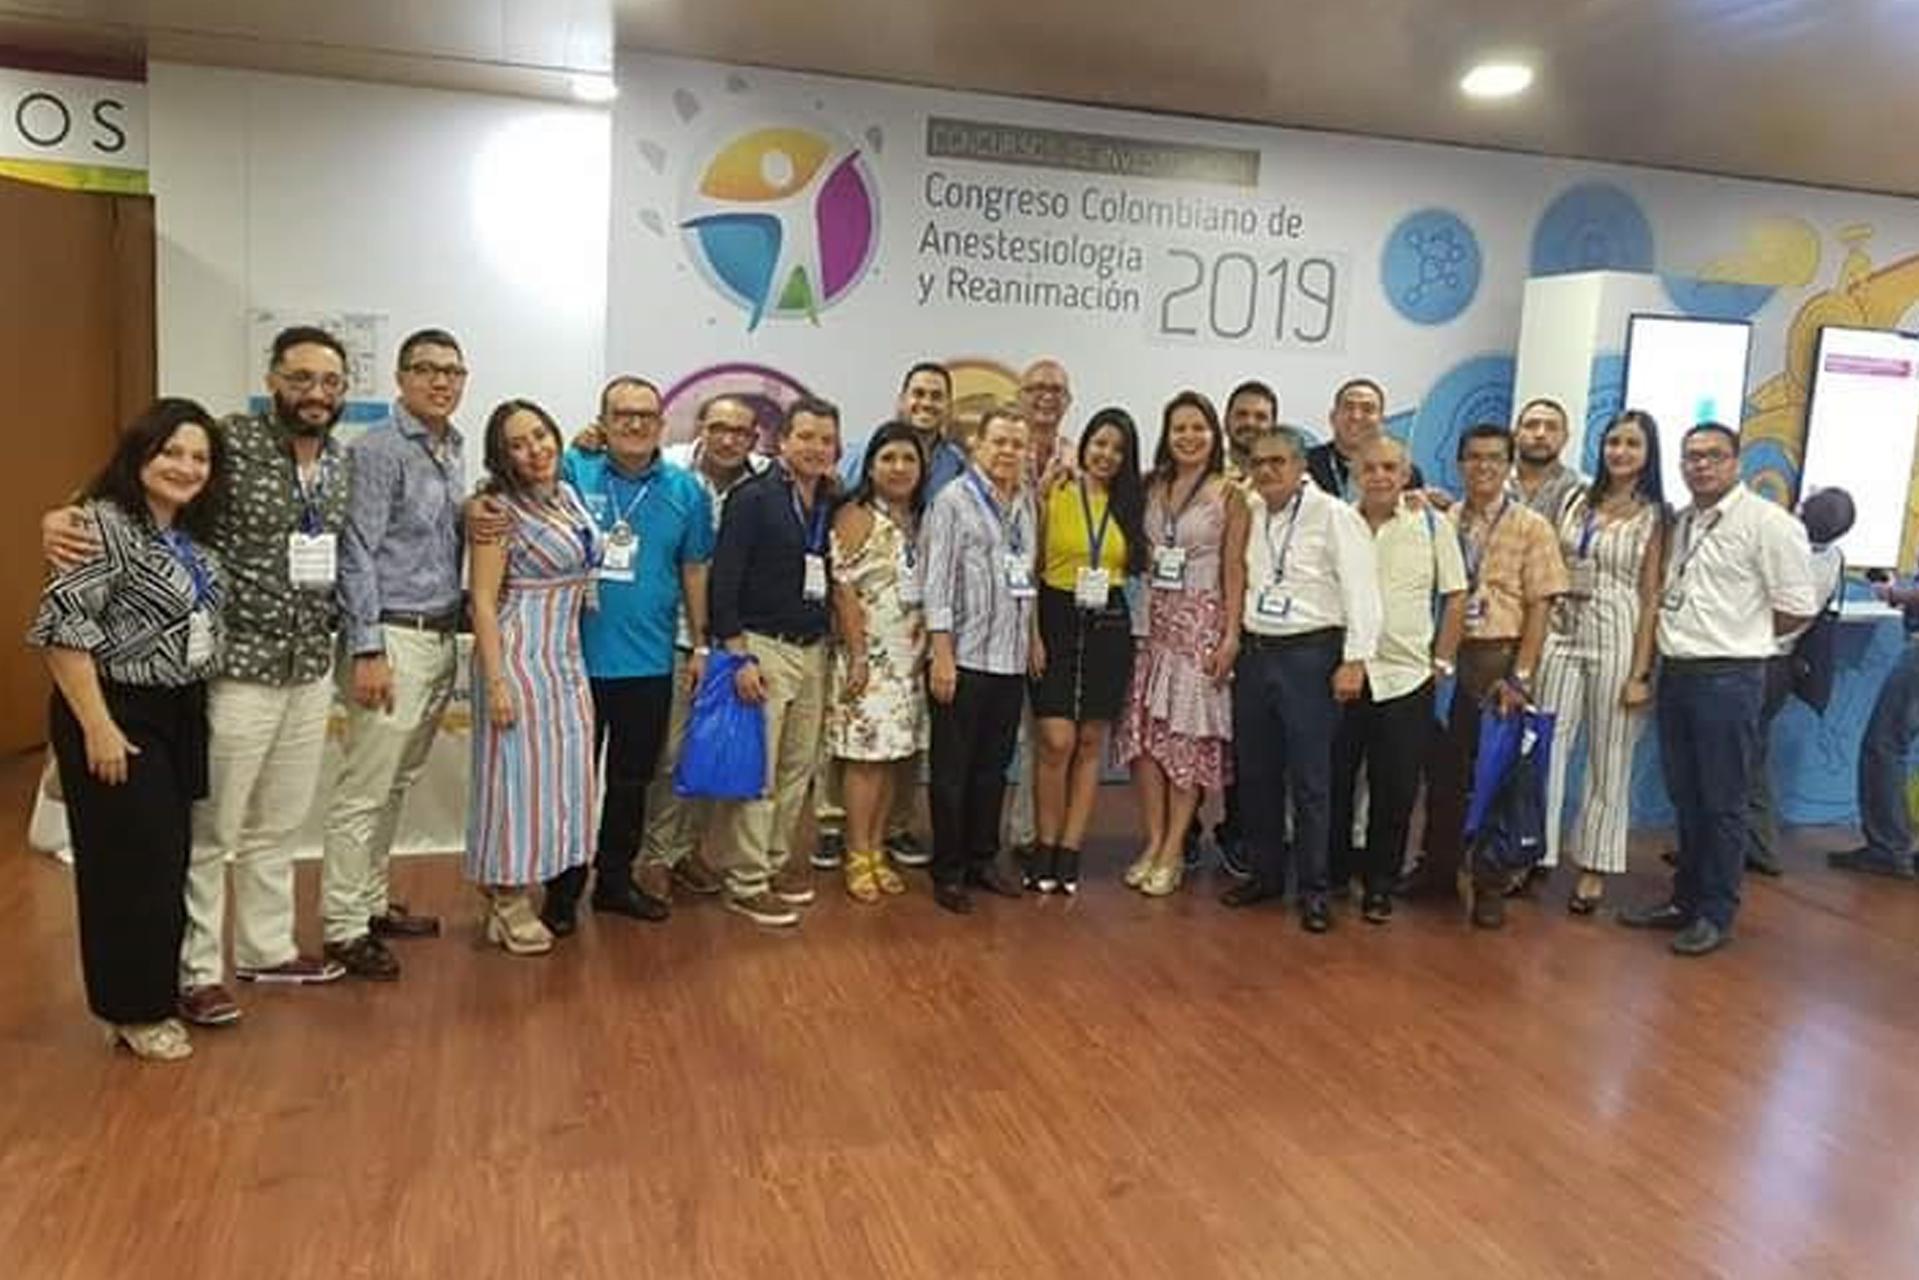 XXXIII Congreso Colombiano de Anestesiología y Reanimación